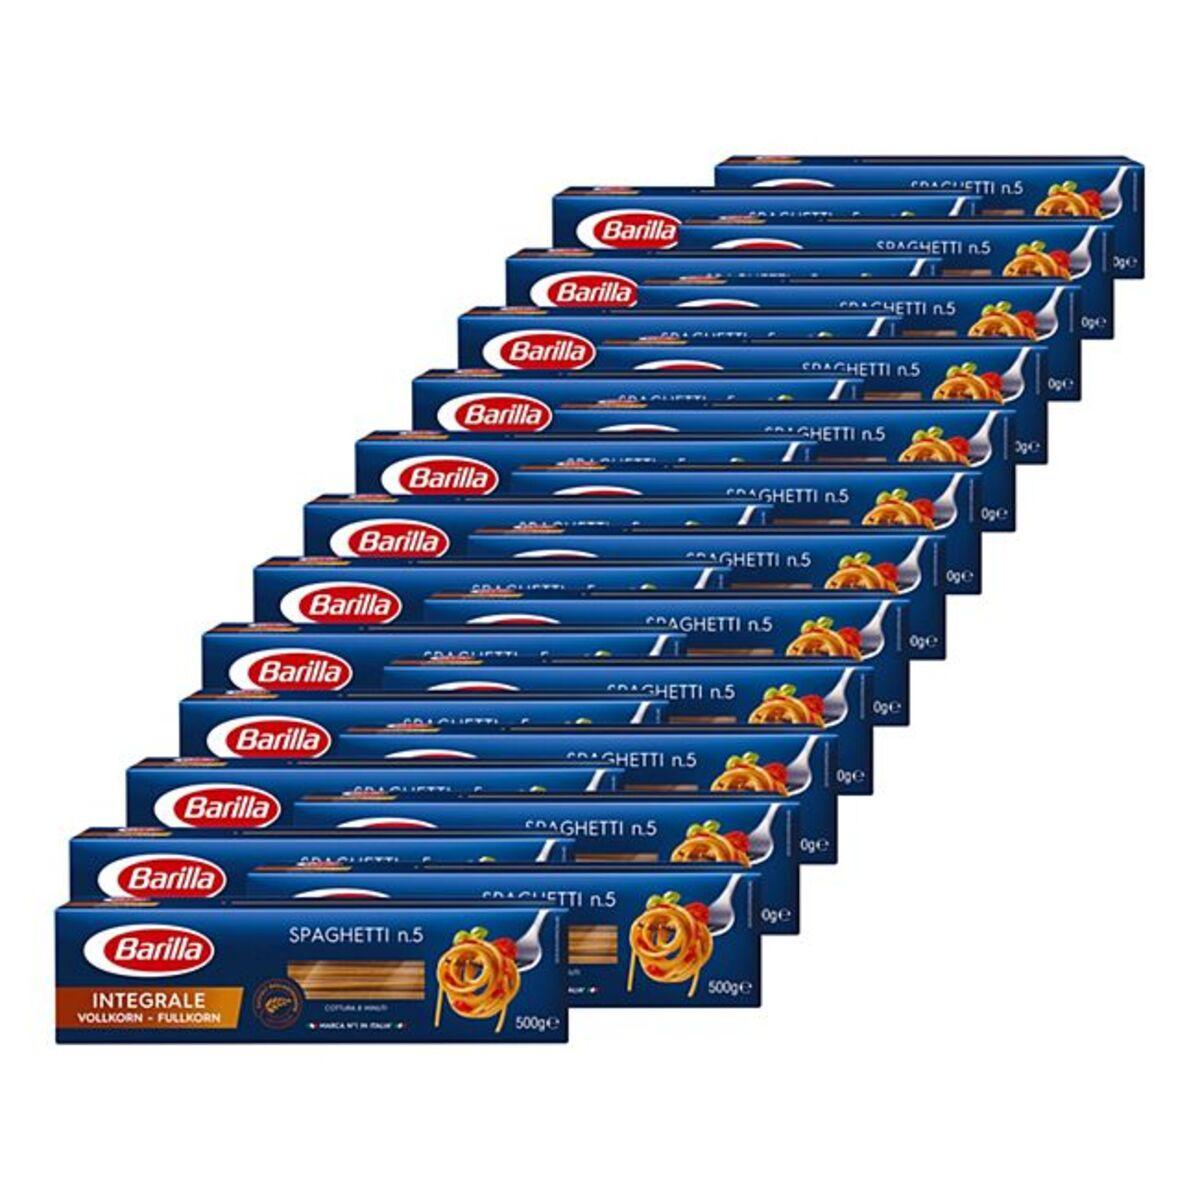 Bild 1 von Barilla Integrale Vollkorn Spaghetti 500 g, 24er Pack